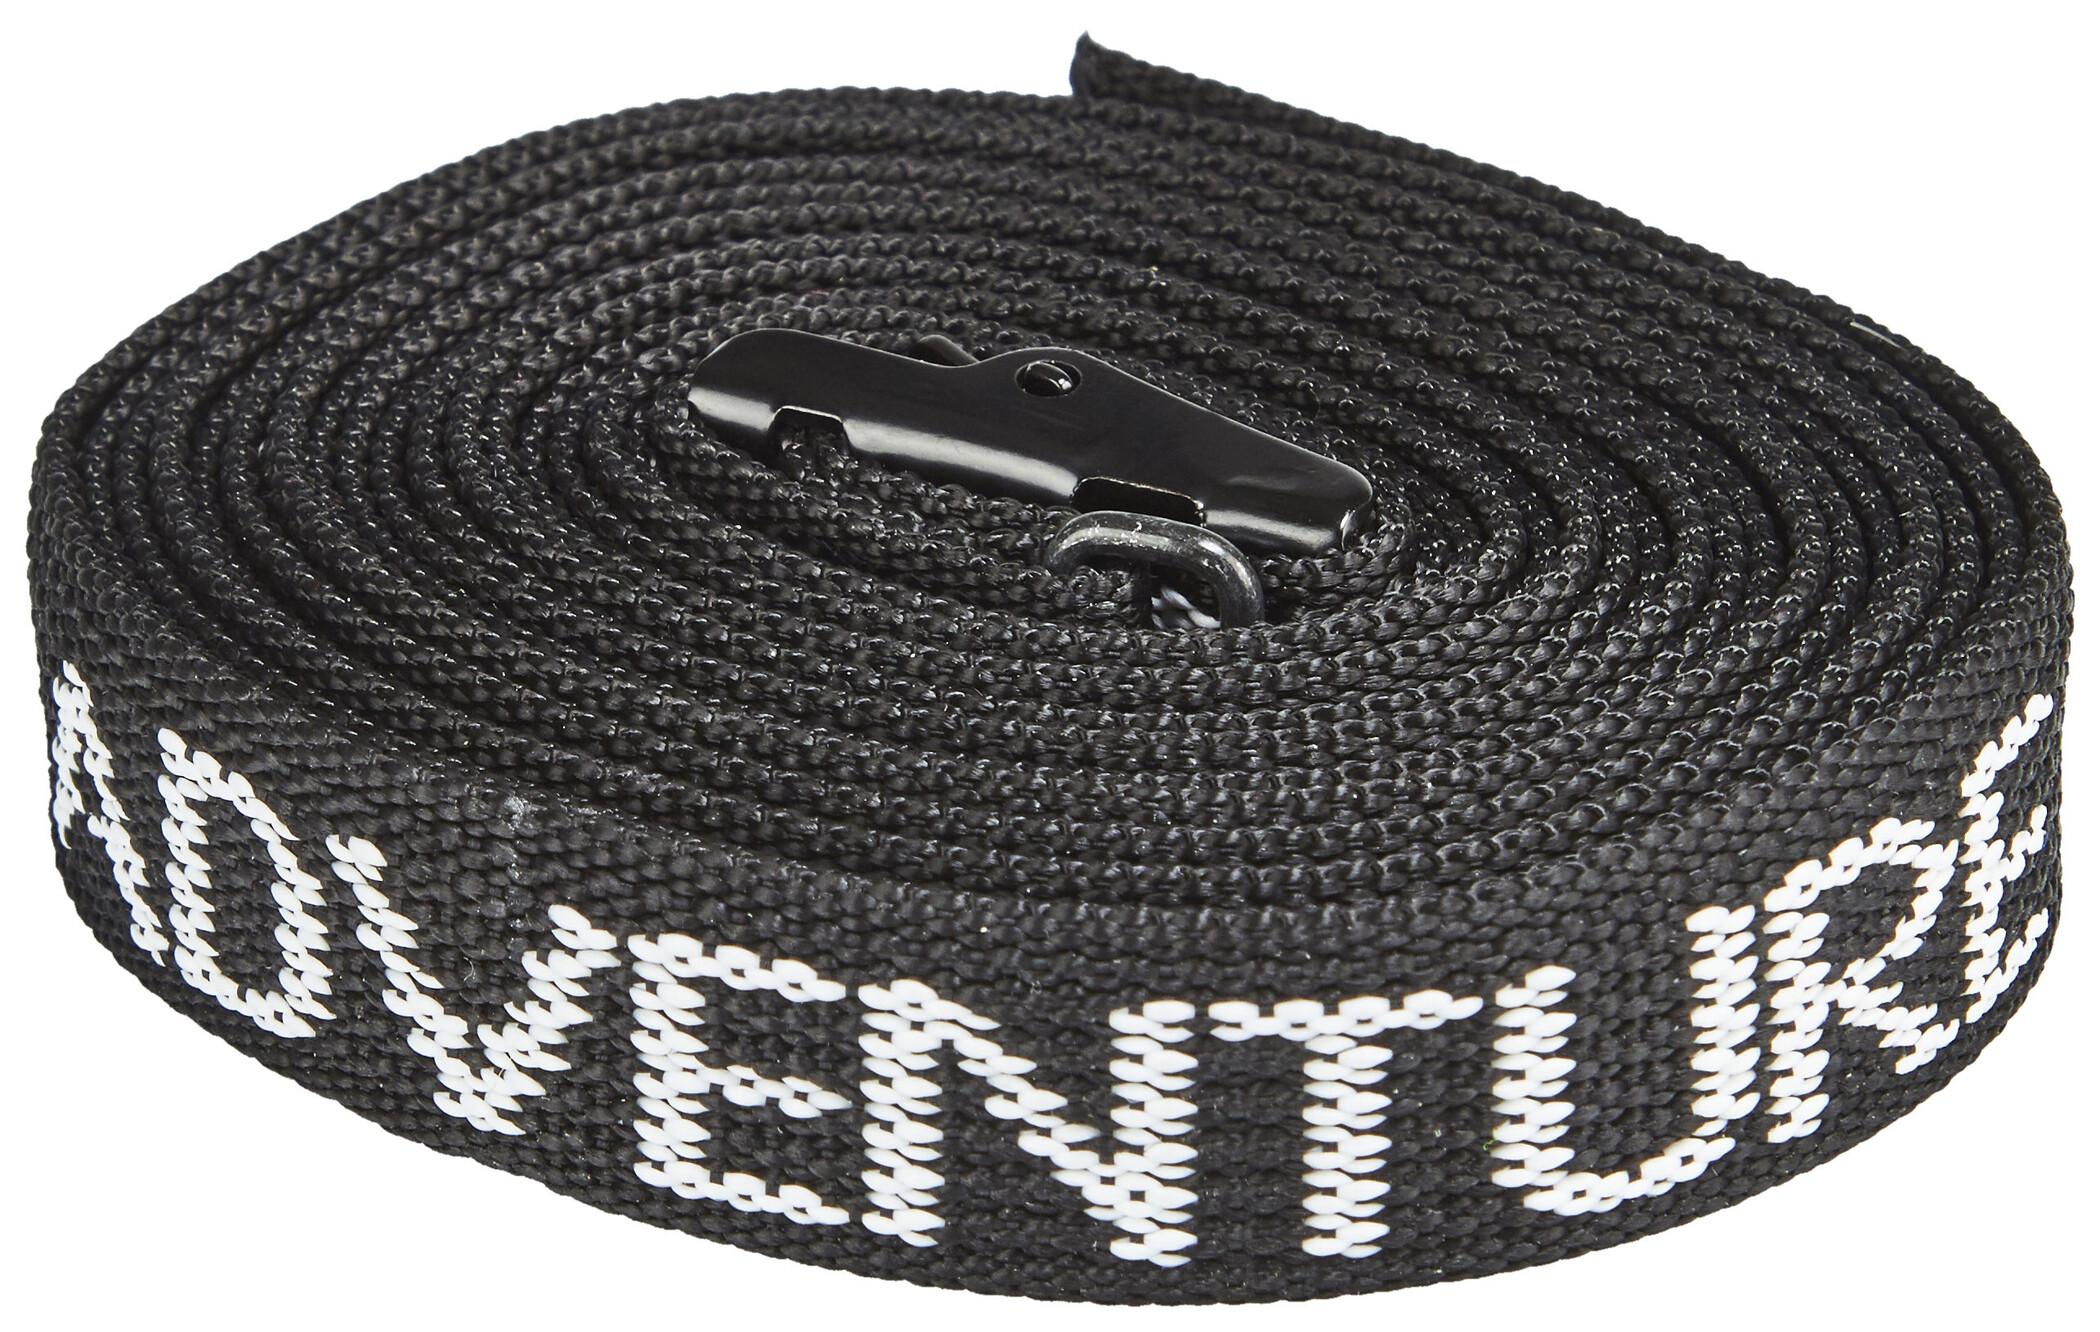 CAMPZ Spænderem 300cm, black | Tasker > Tilbehør